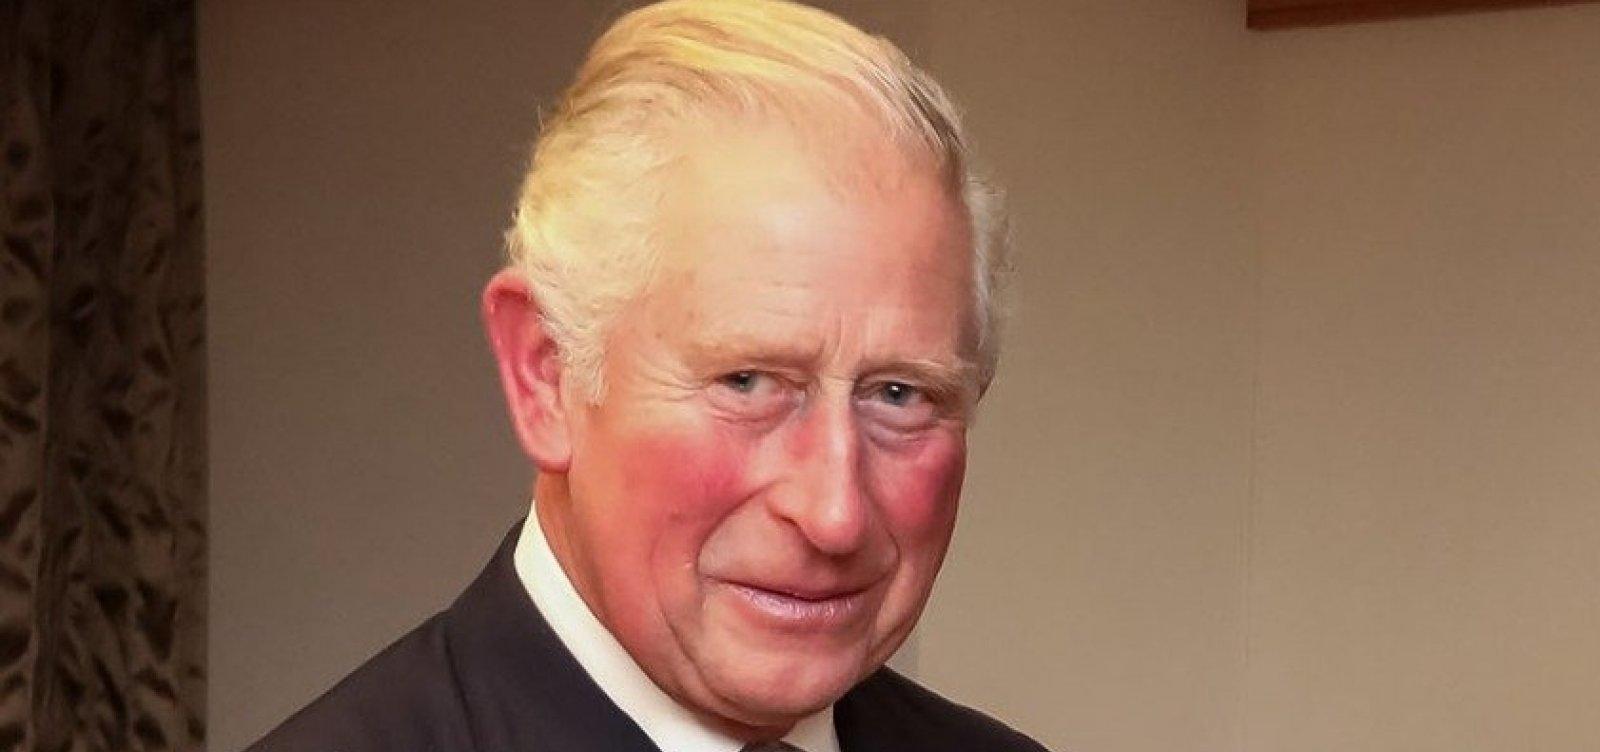 [Príncipe Charles, de 71 anos, é diagnosticado com coronavírus]